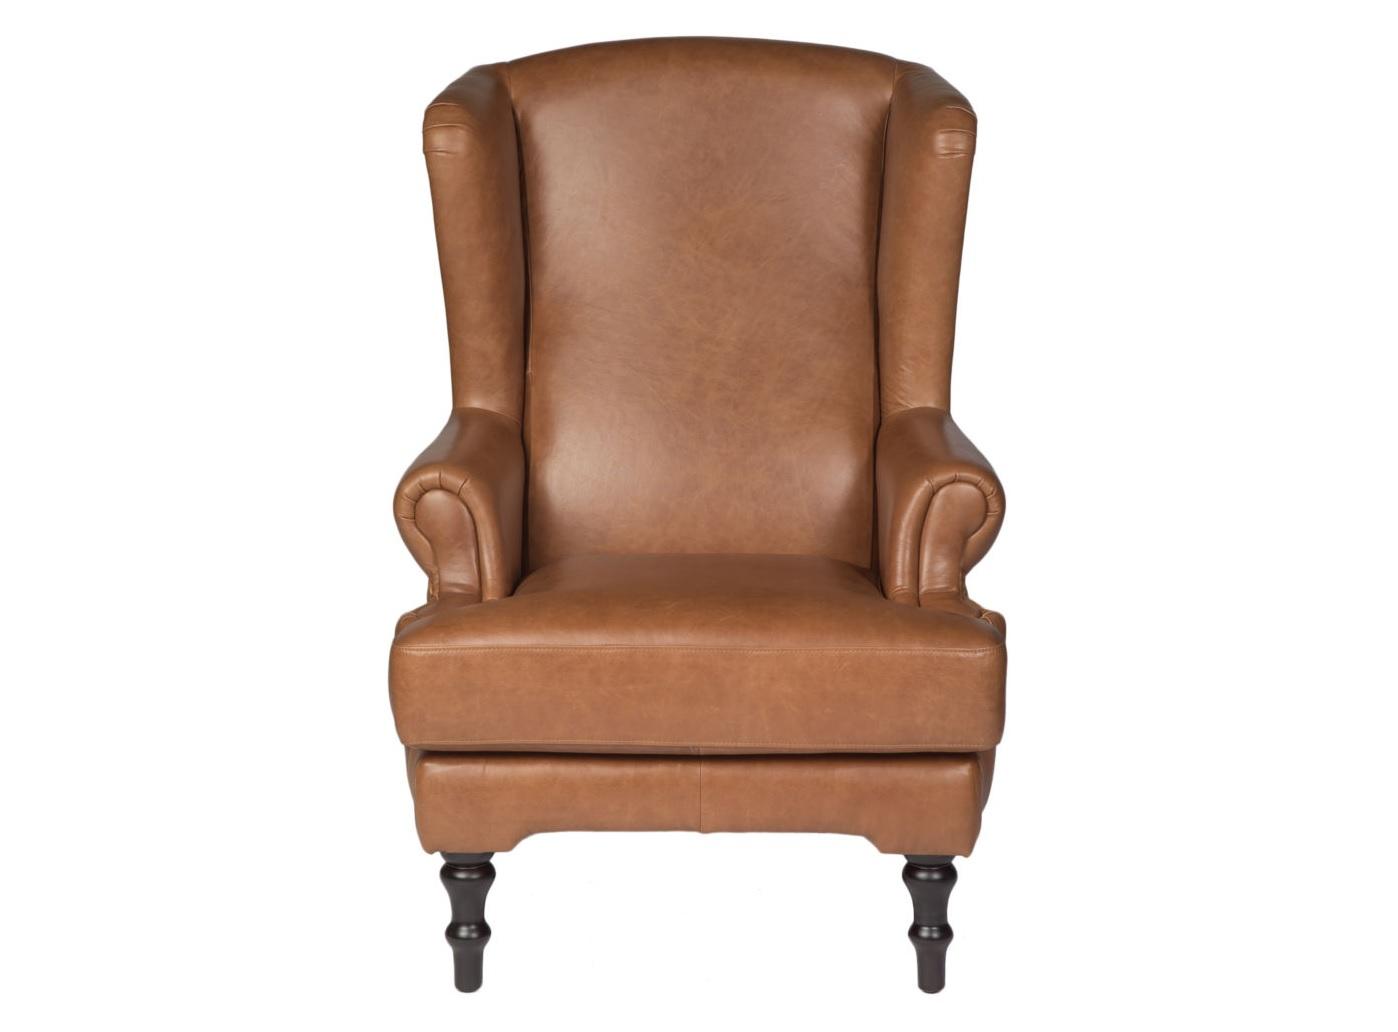 Кресло AmbitionКожаные кресла<br><br><br>Material: Кожа<br>Ширина см: 80<br>Высота см: 110<br>Глубина см: 85